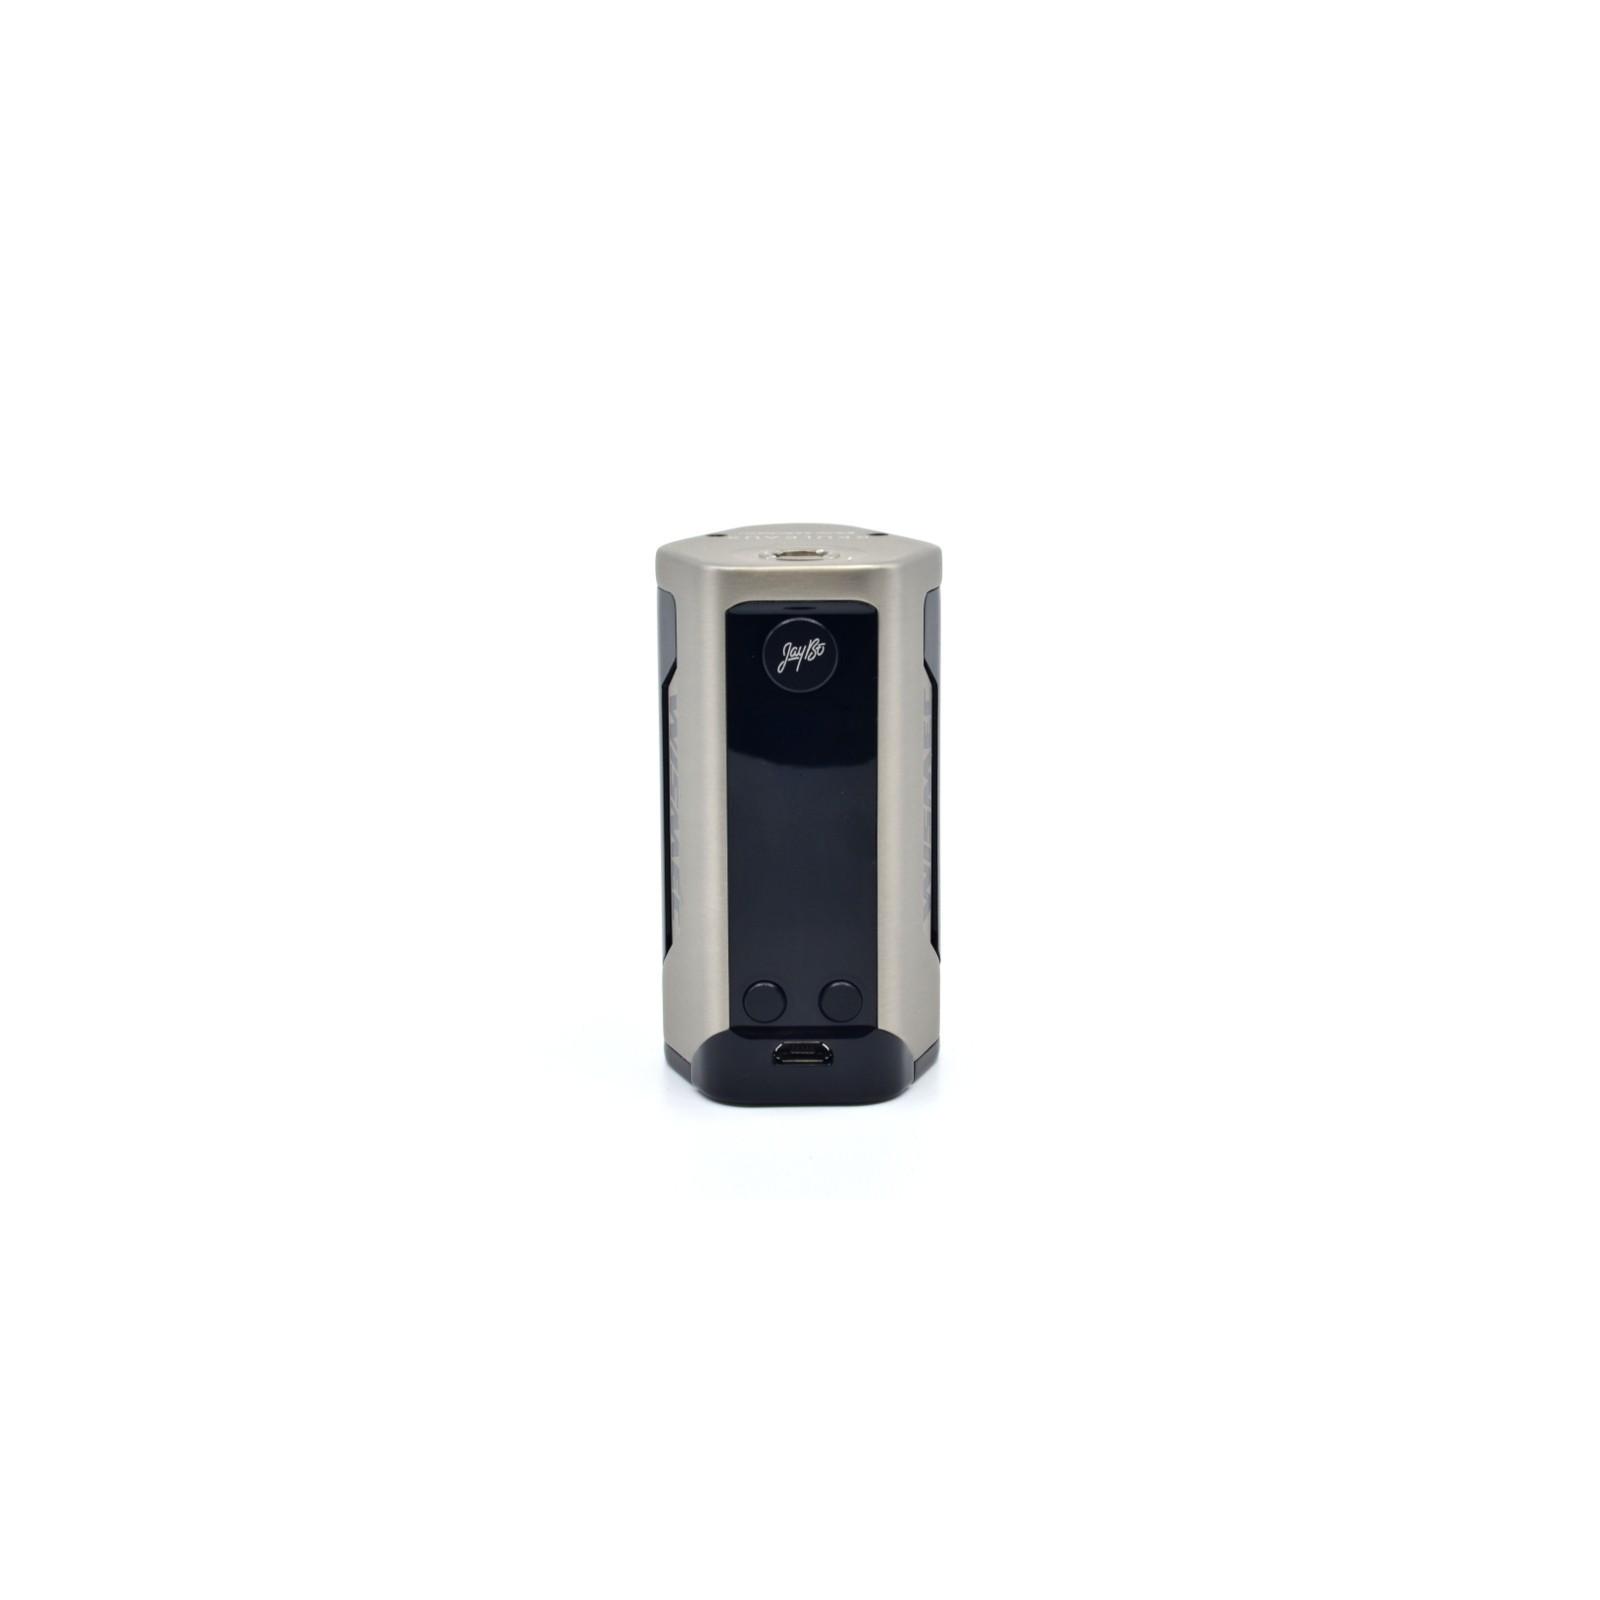 Reuleaux RX GEN3 Wismec - WISMEC